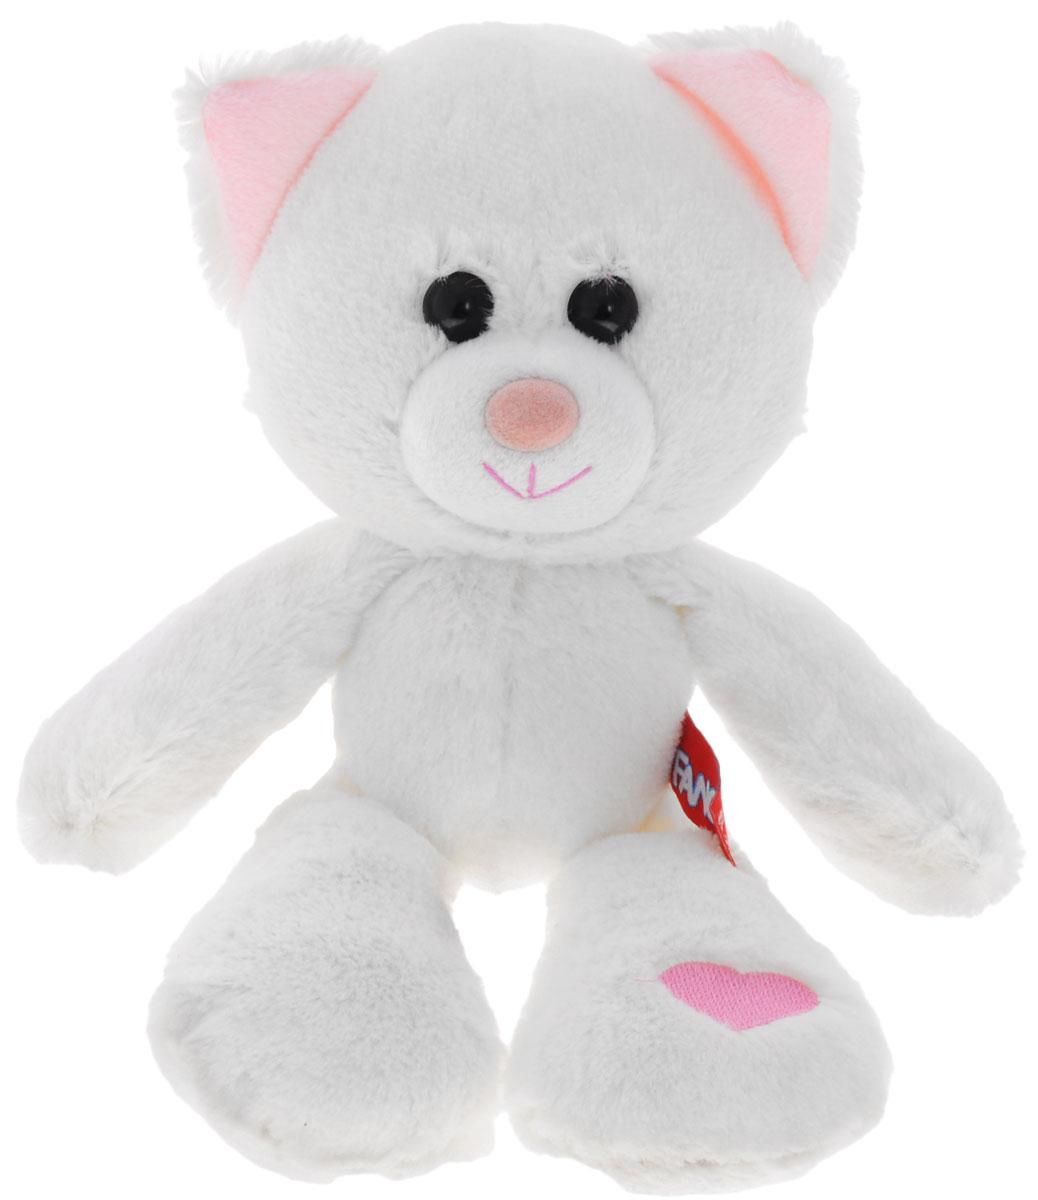 Fancy Мягкая игрушка Котенок Бася чикко игрушка котенок музыкальный